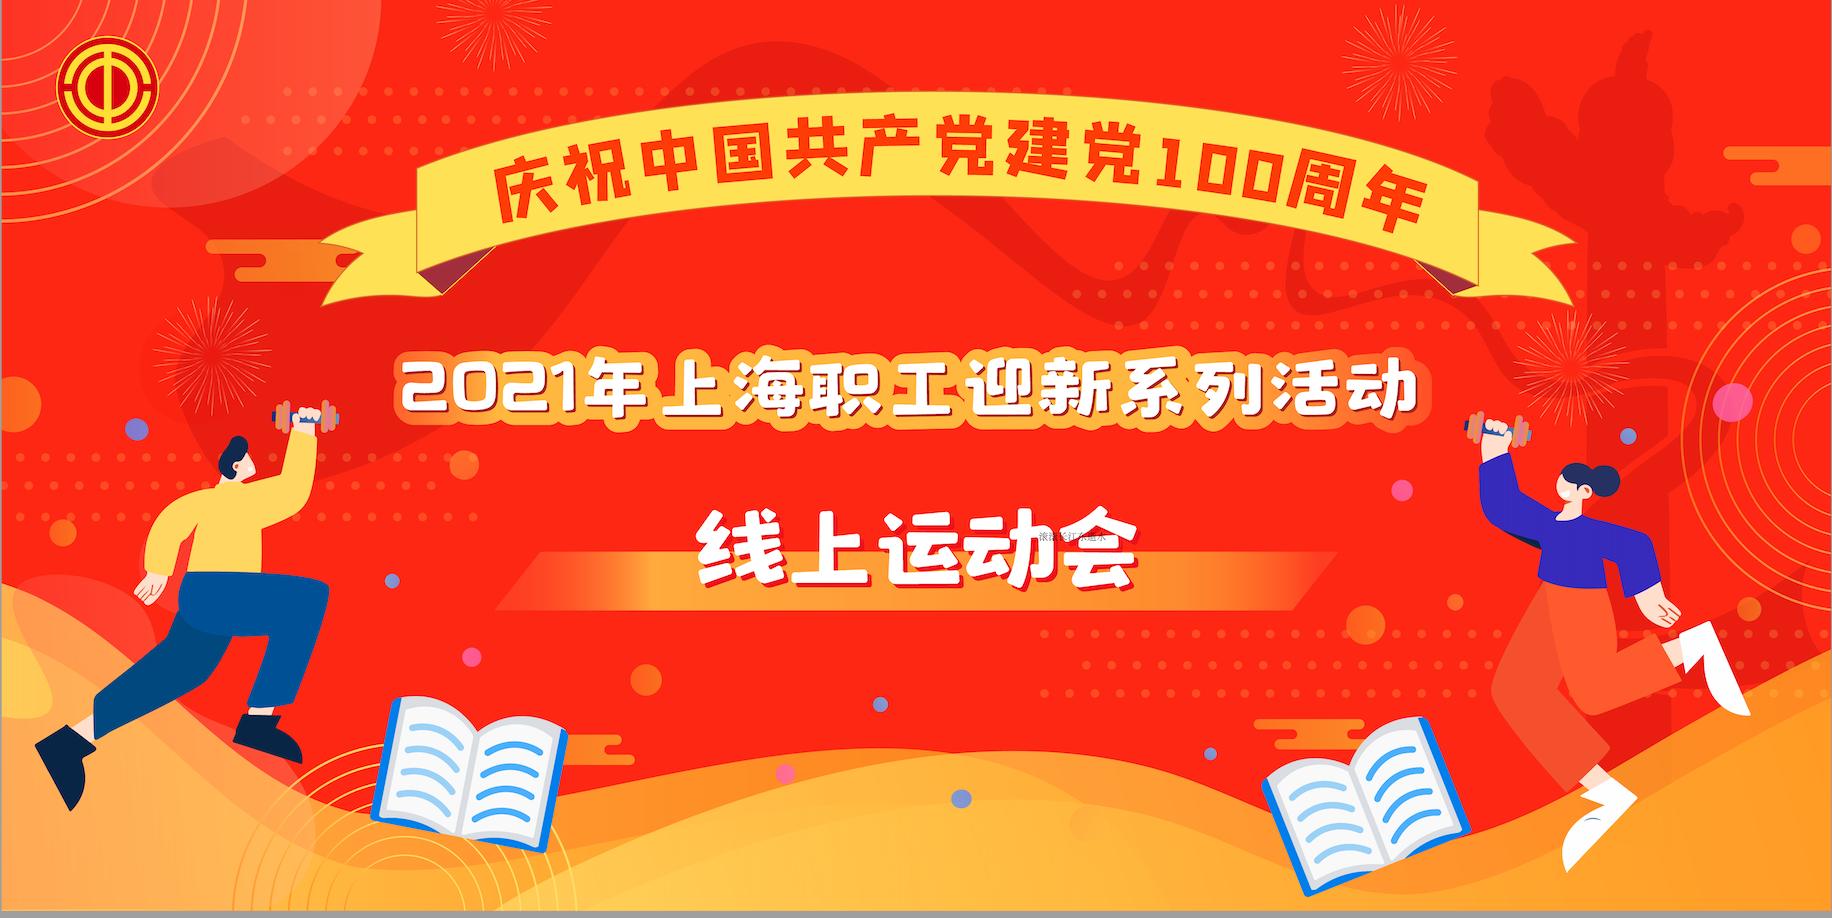 2021年上海市职工迎新系列活动(线上趣味运动会)